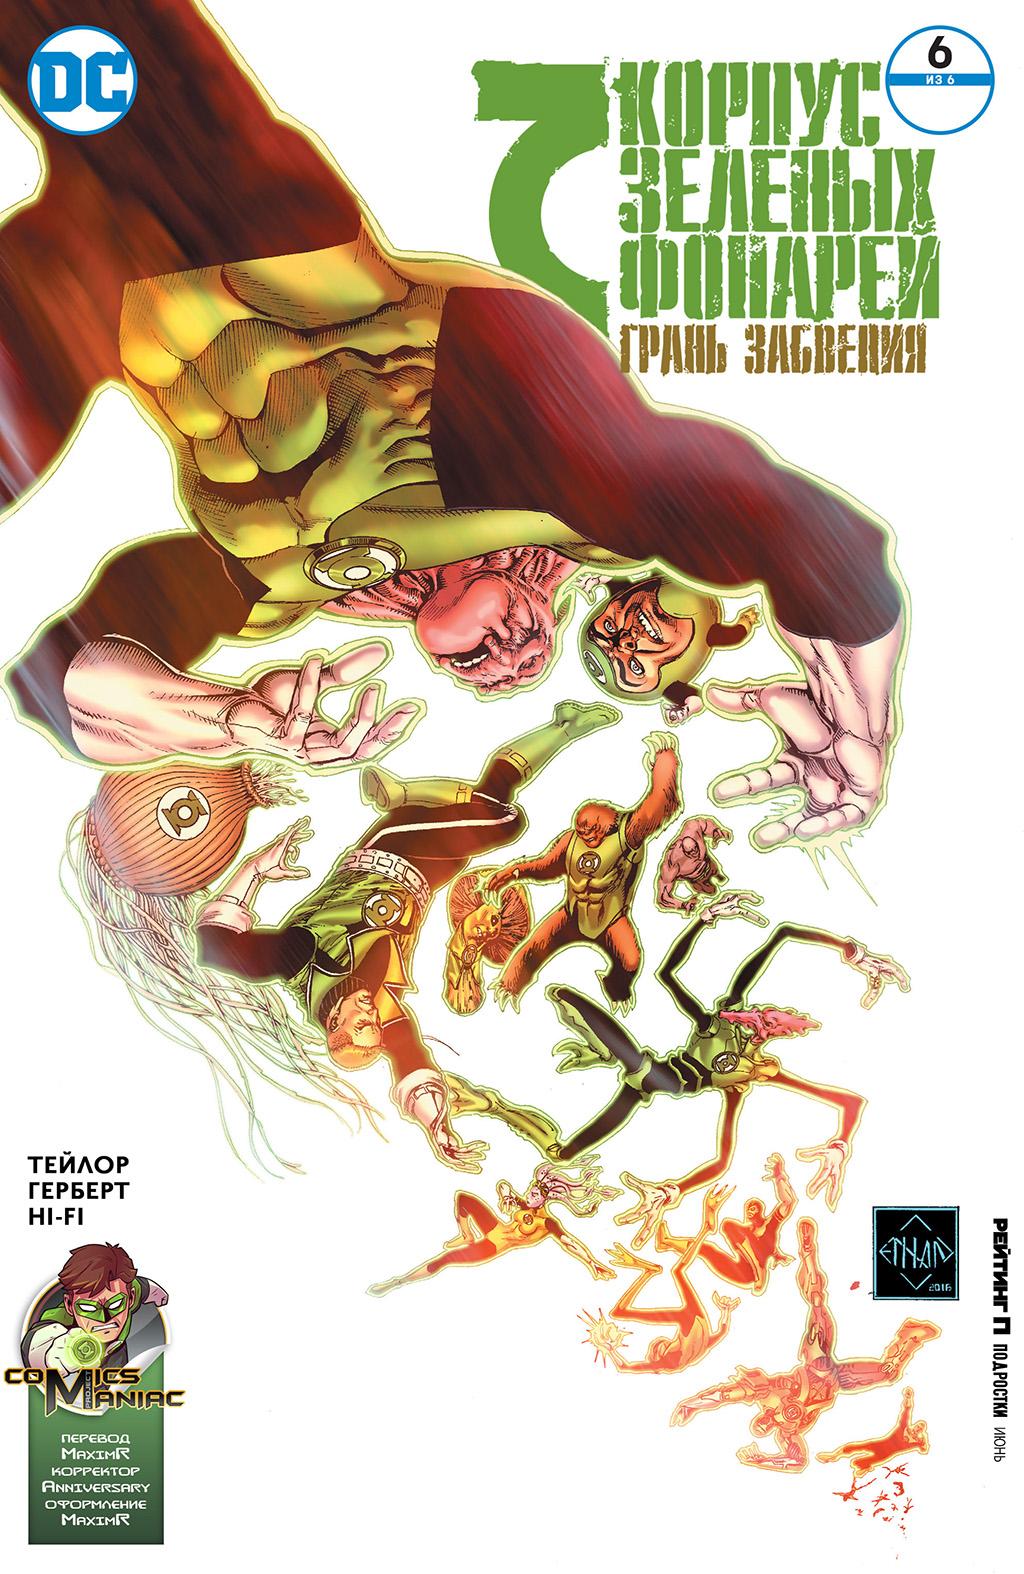 Комикс Корпус Зеленых Фонарей: Грань Забвения